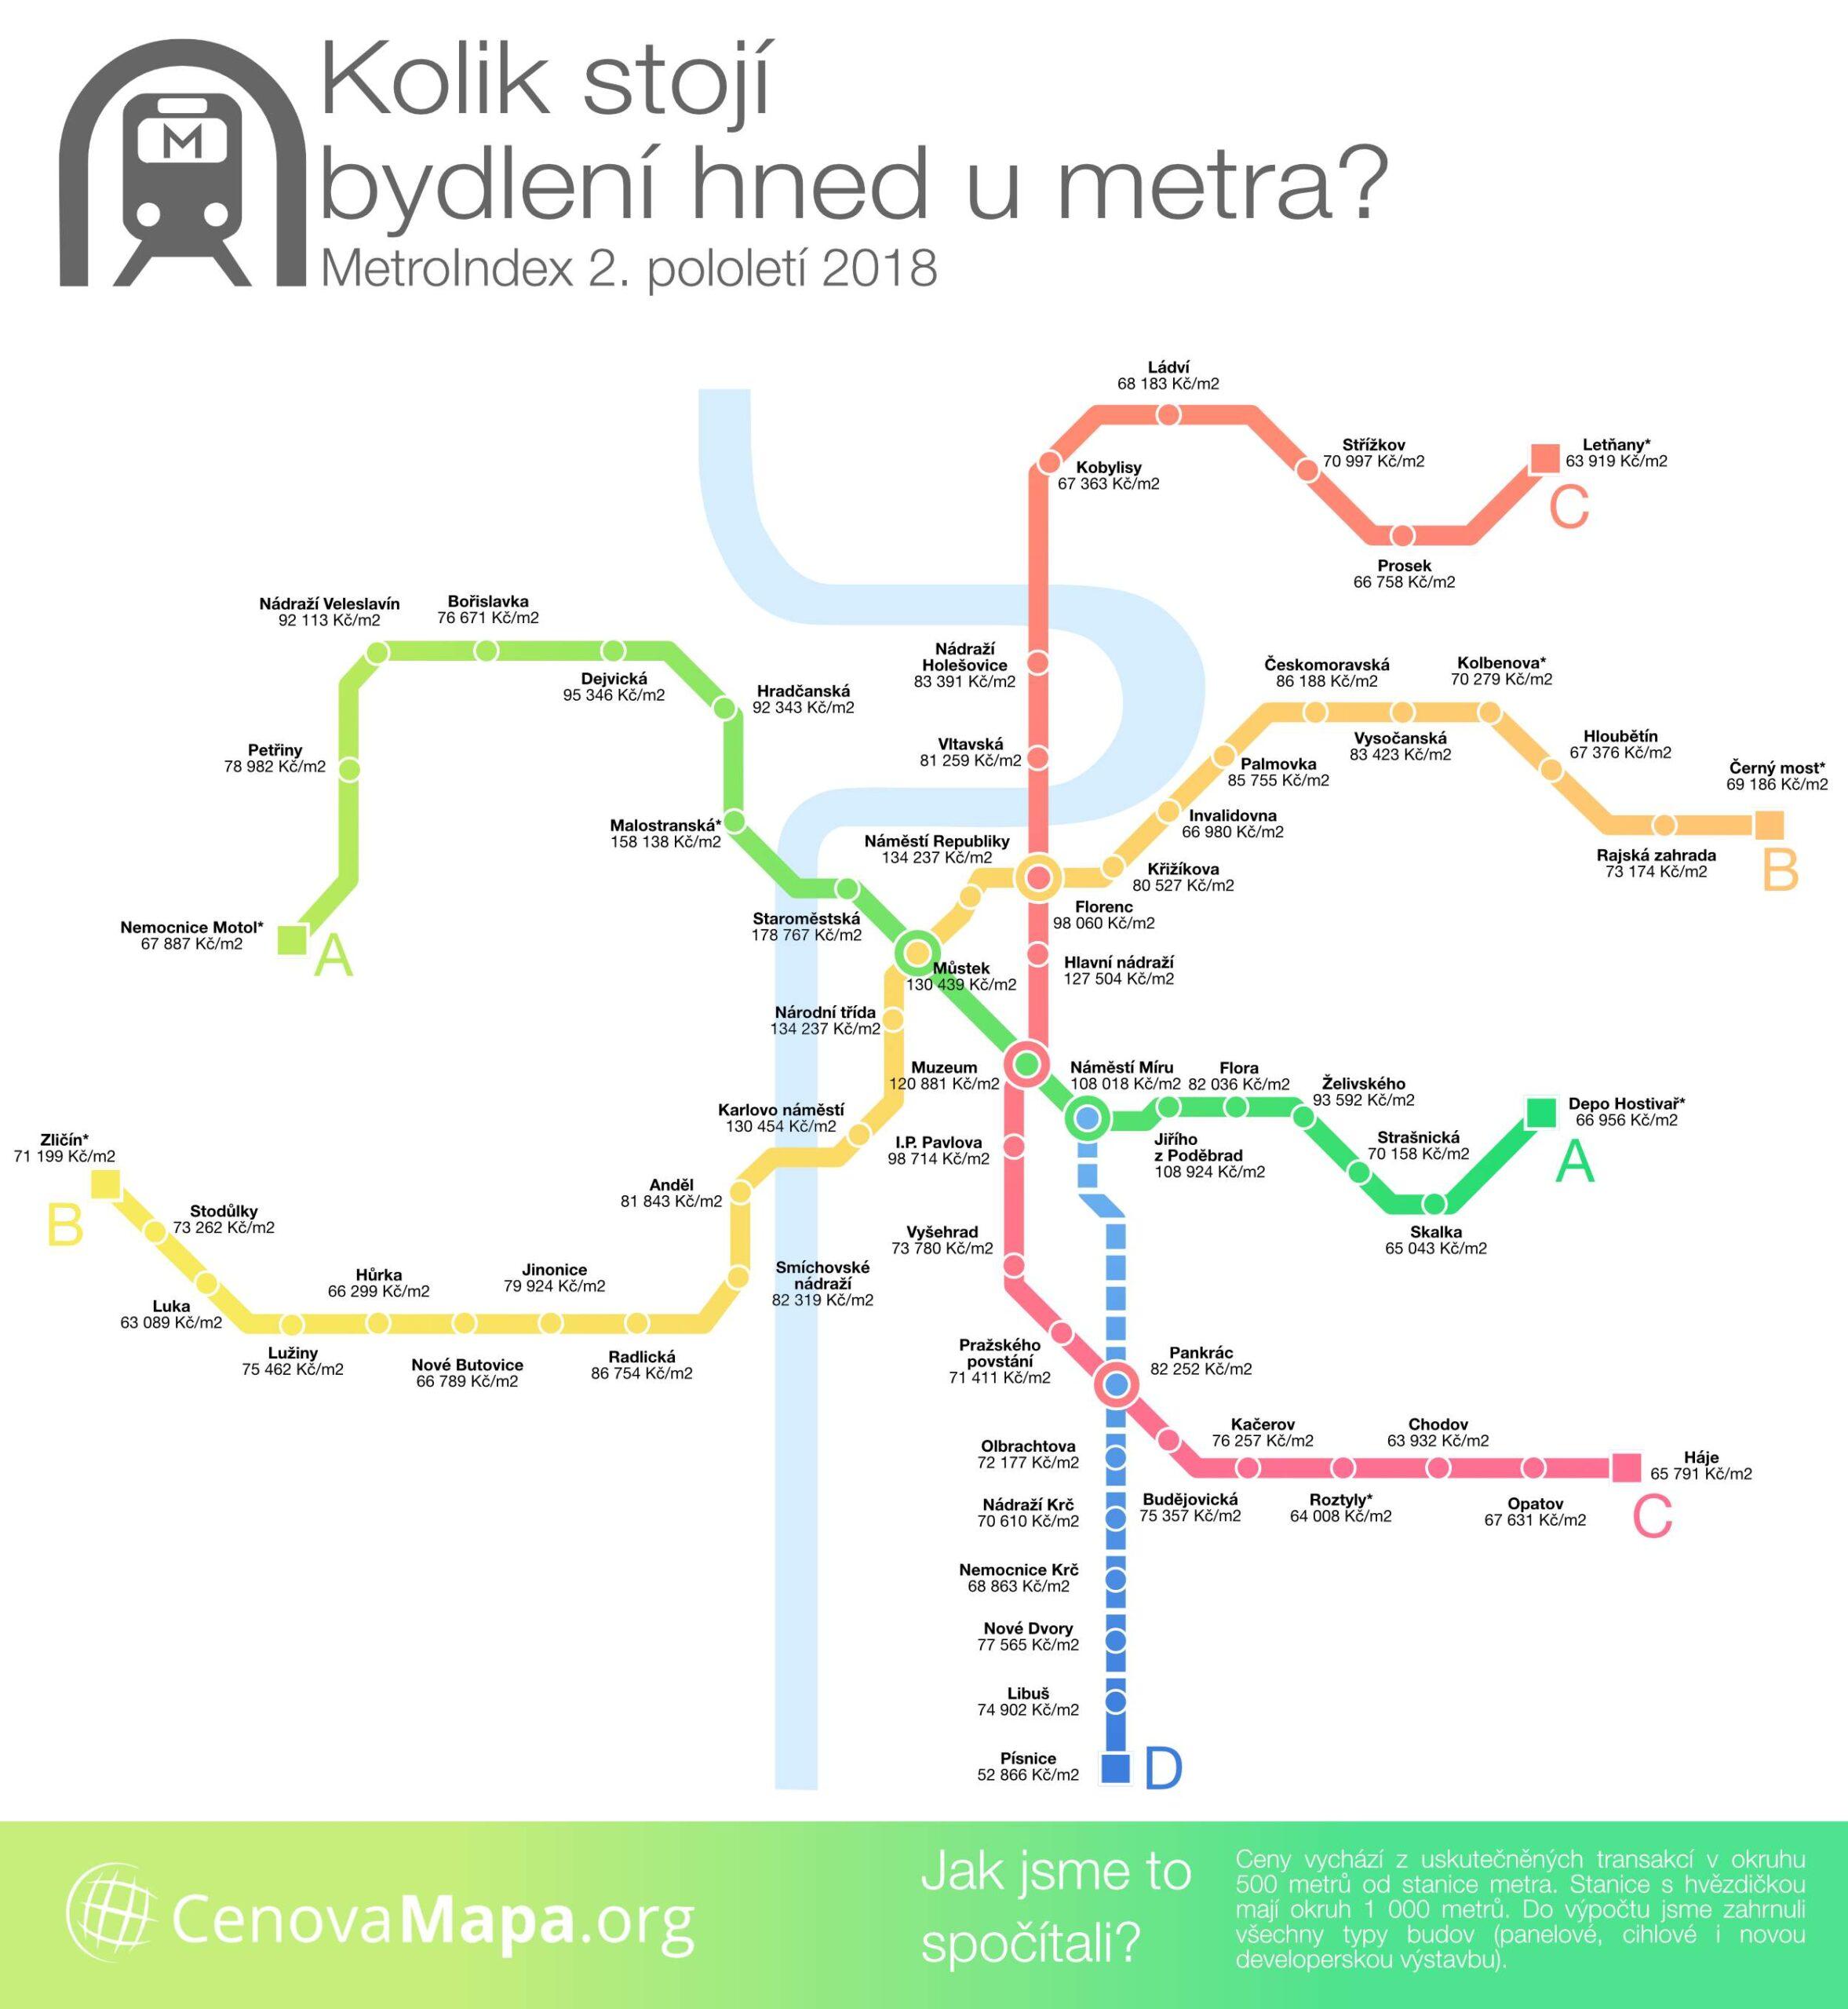 Цены квартир и квадратного метра в Праге у станций метро